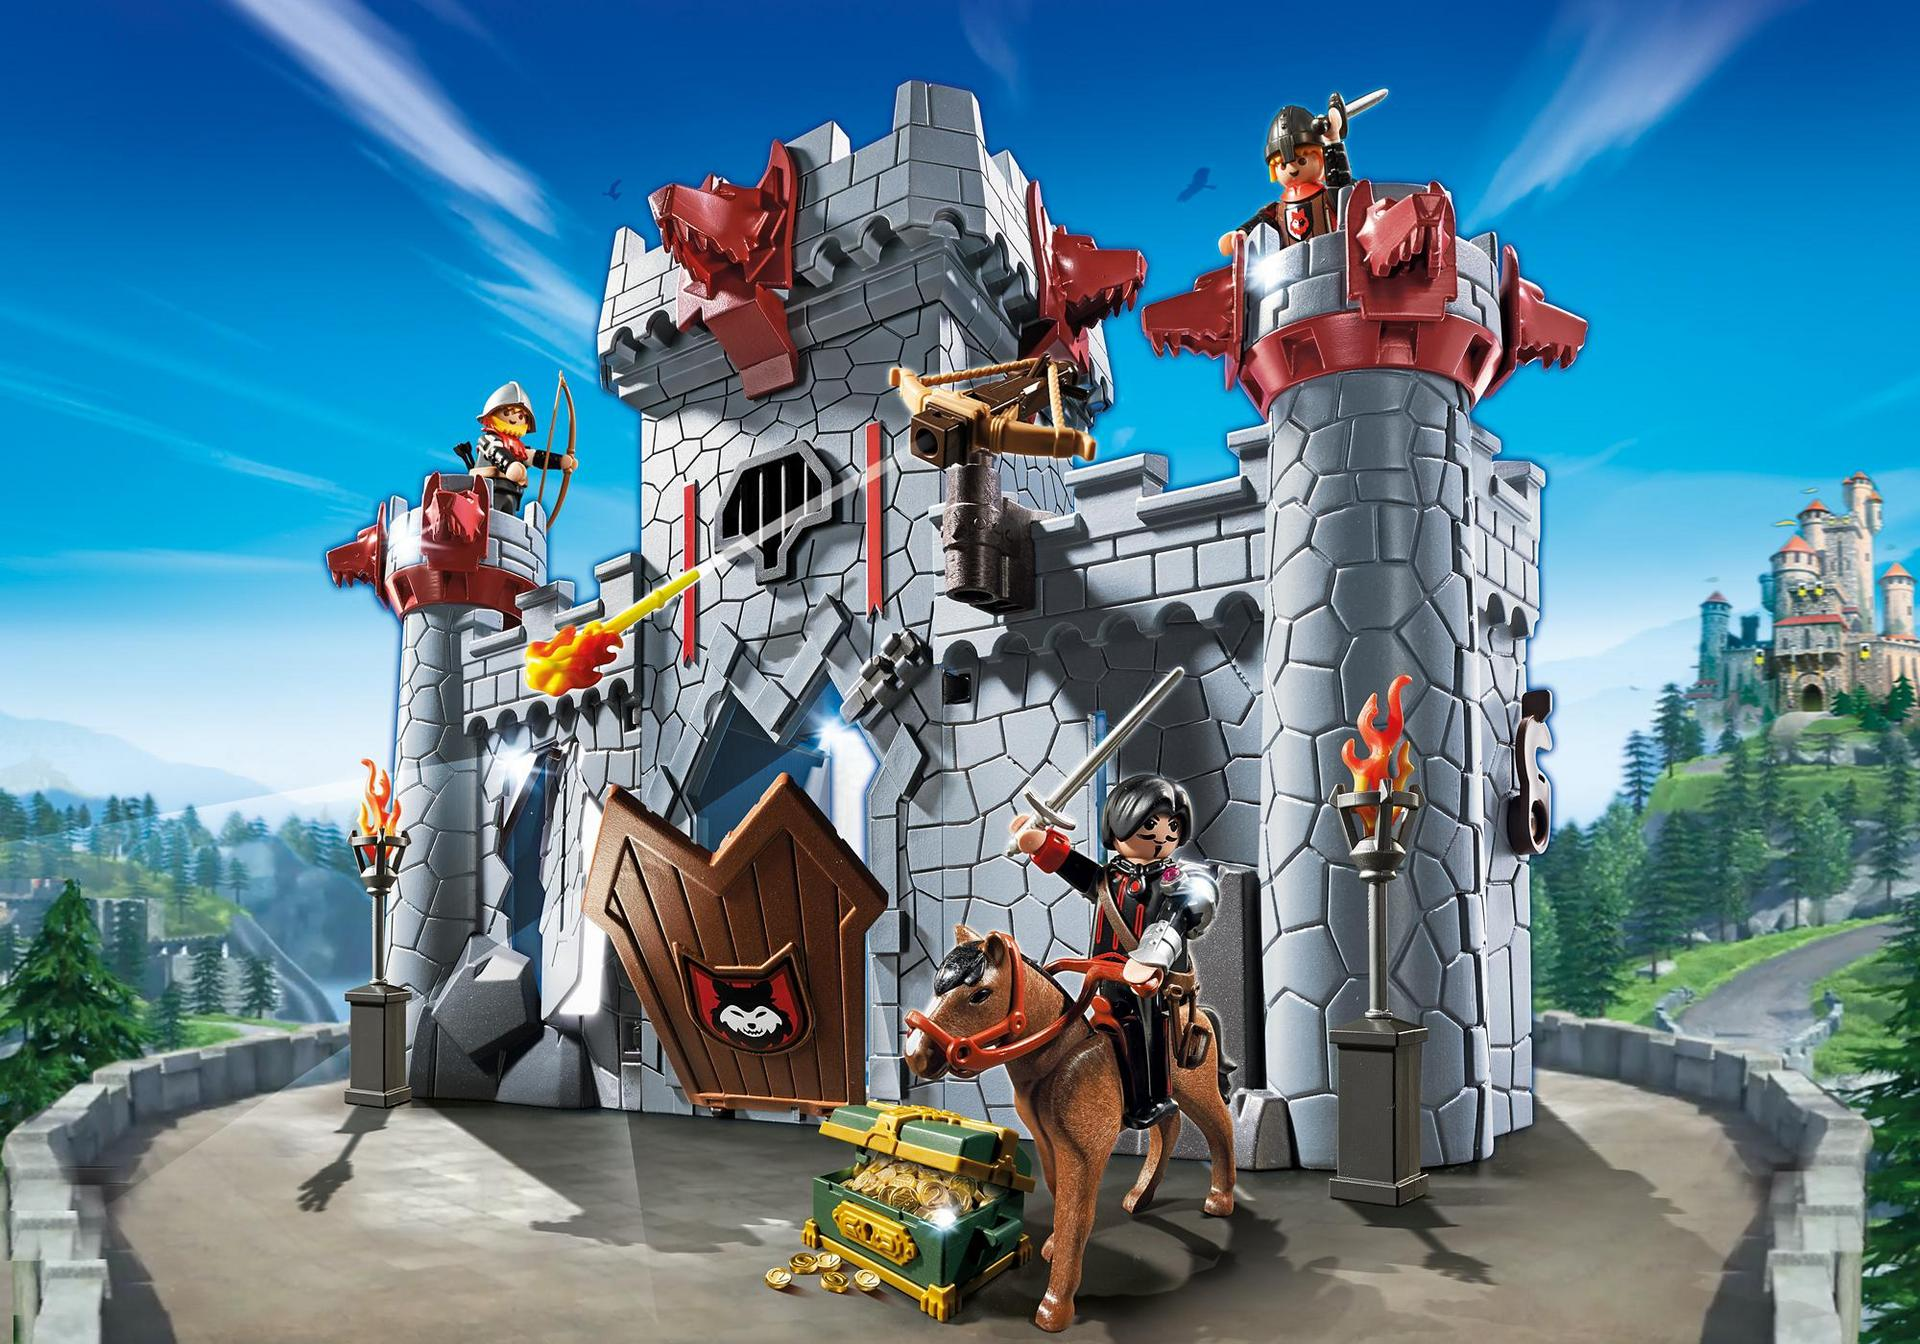 Schön Malvorlagen Playmobil Super 4 - Art von Malvorlagen